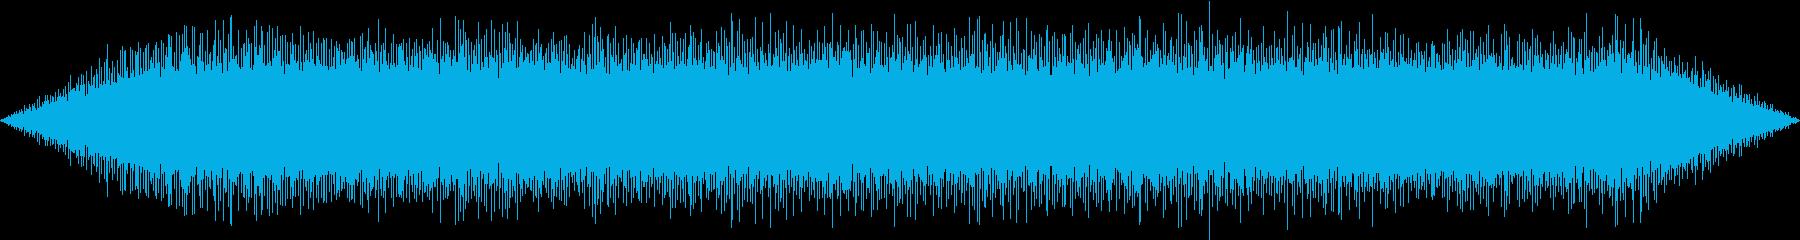 【生録音】エアコンの室外機の音 1の再生済みの波形